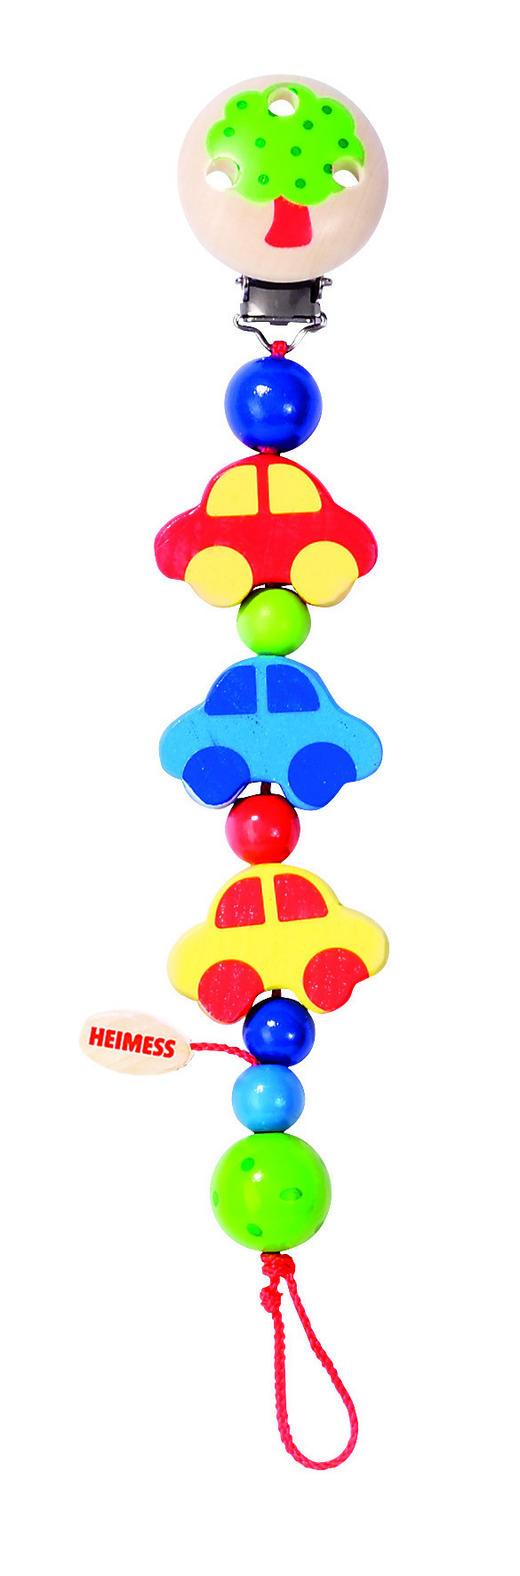 SCHNULLERKETTE 0 Monat(e) - Multicolor, Basics, Holz (21cm) - Heimess